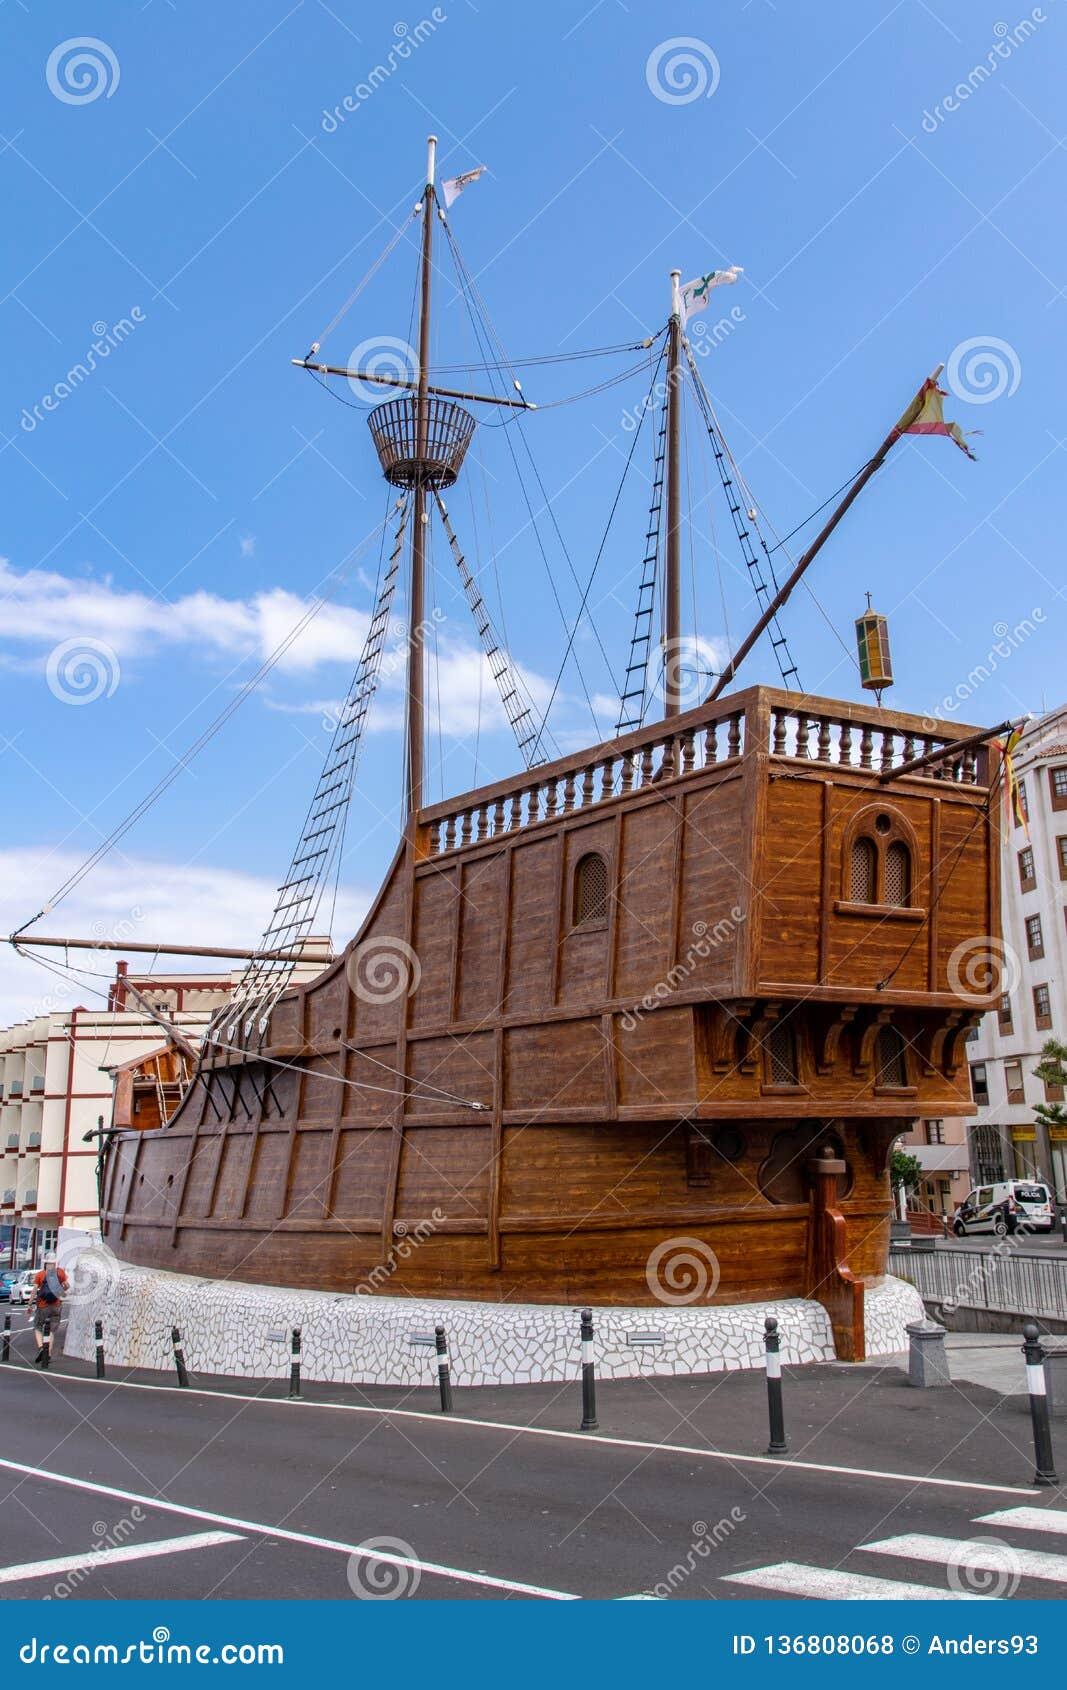 La Palma Maritime Museum como uma réplica do navio de Christopher Columbus Santa Maria em Santa Cruz de la Palma, Ilhas Canárias,